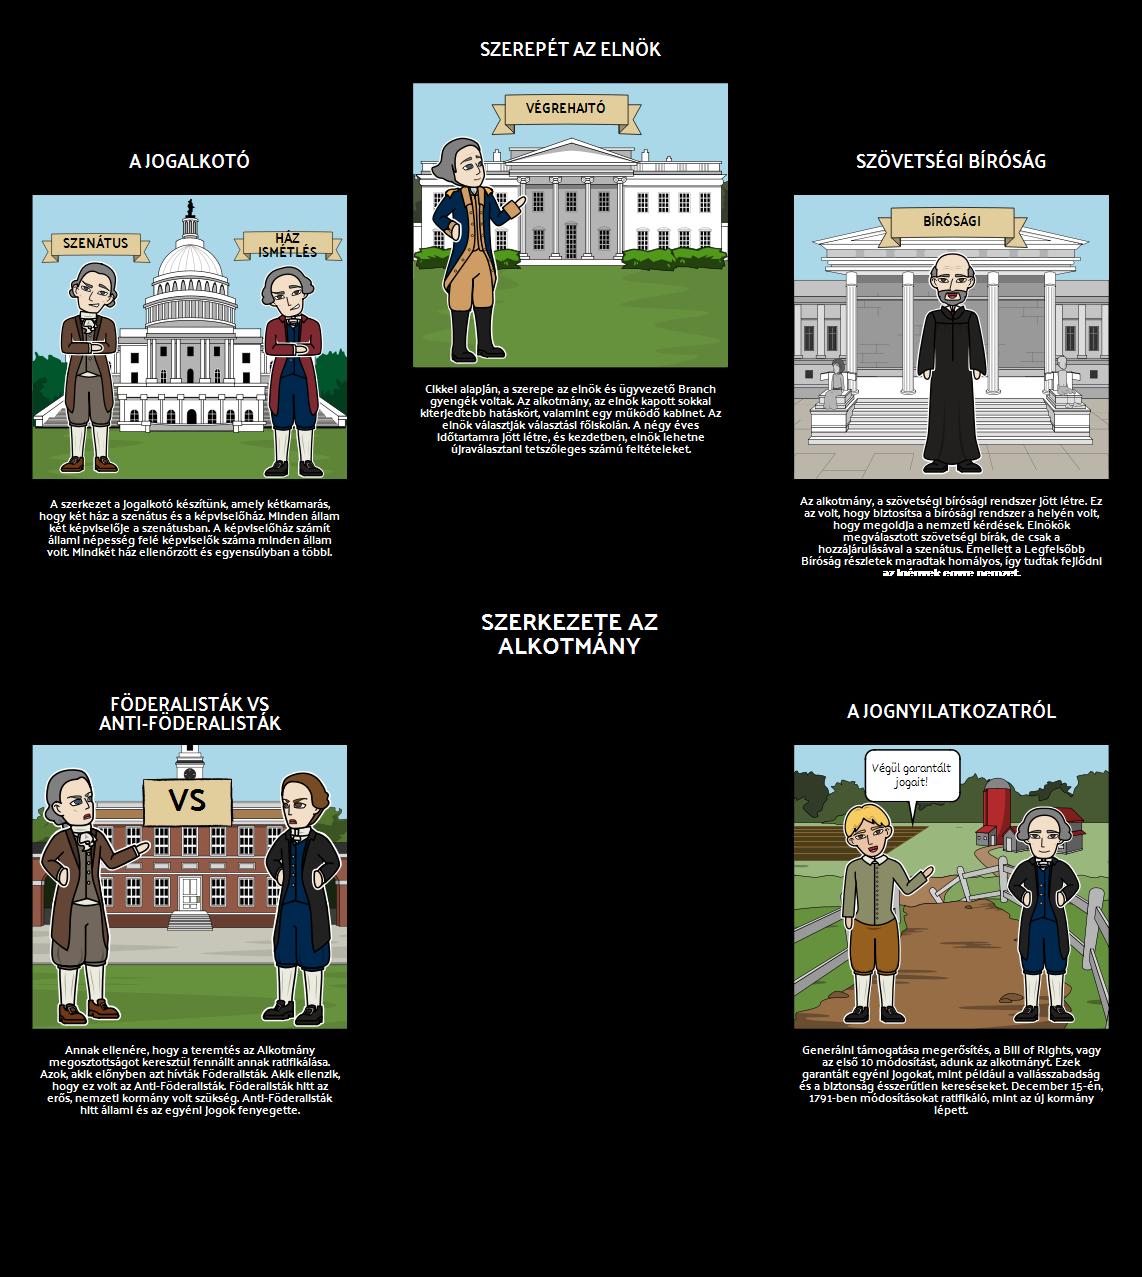 Föderalizmus - Szerkezet az Alkotmány